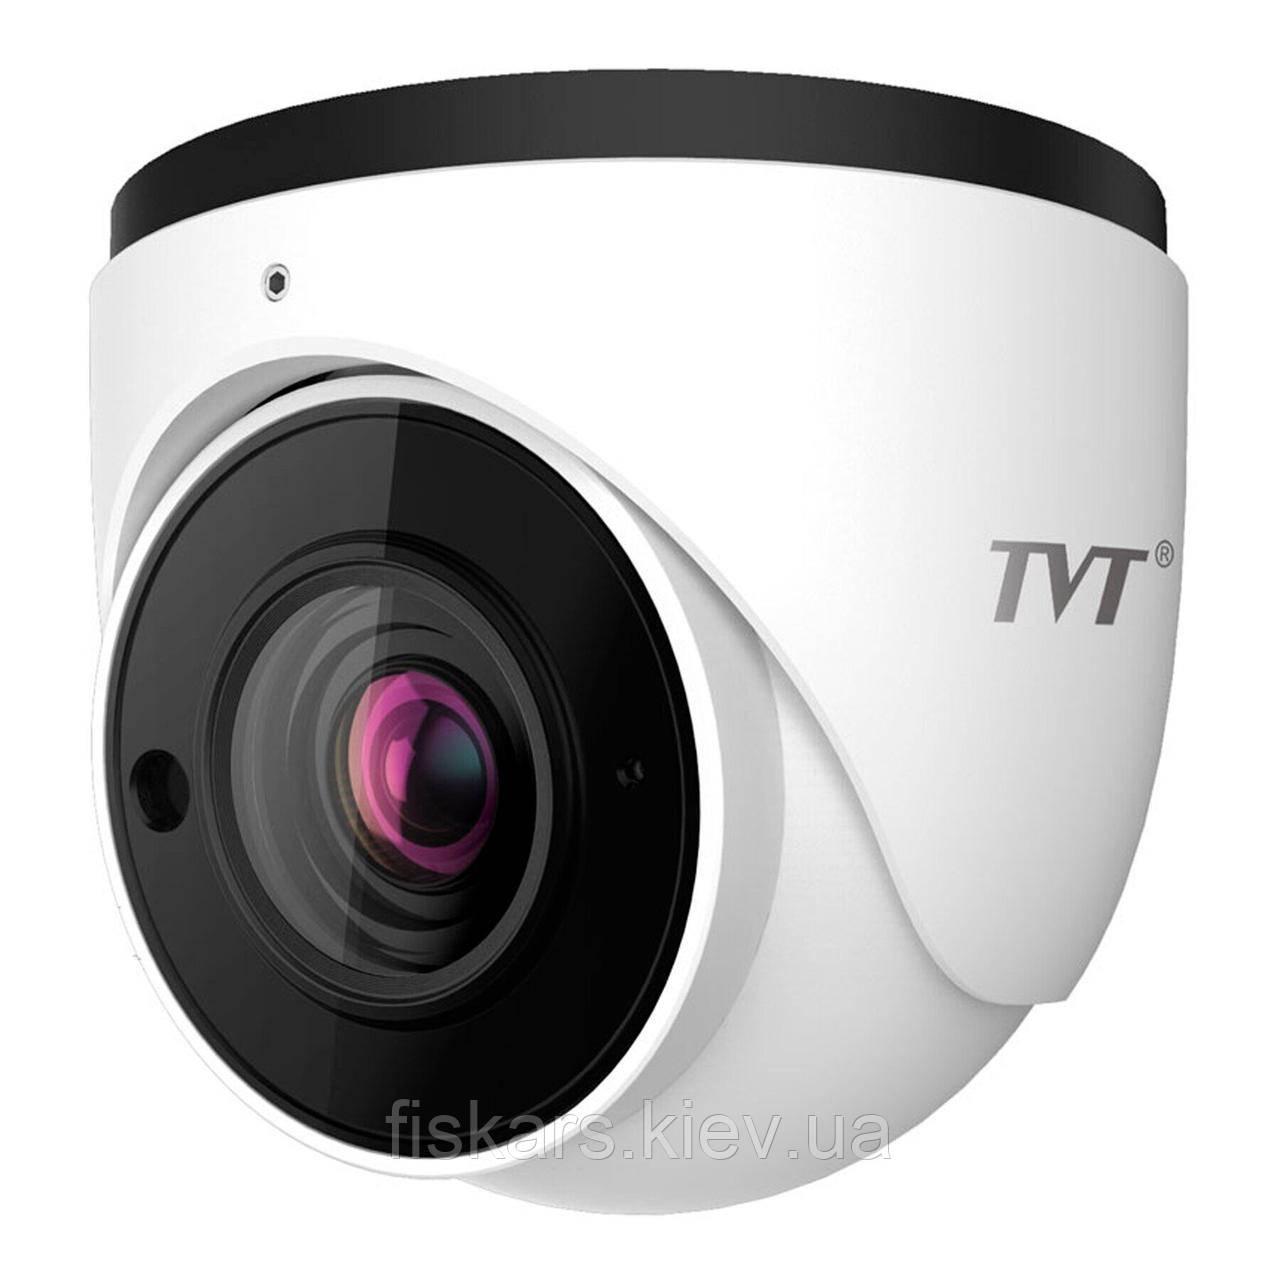 2 Мп сетевая видеокамера TVT Digital TD-9525S3 (D/FZ/PE/AR3)